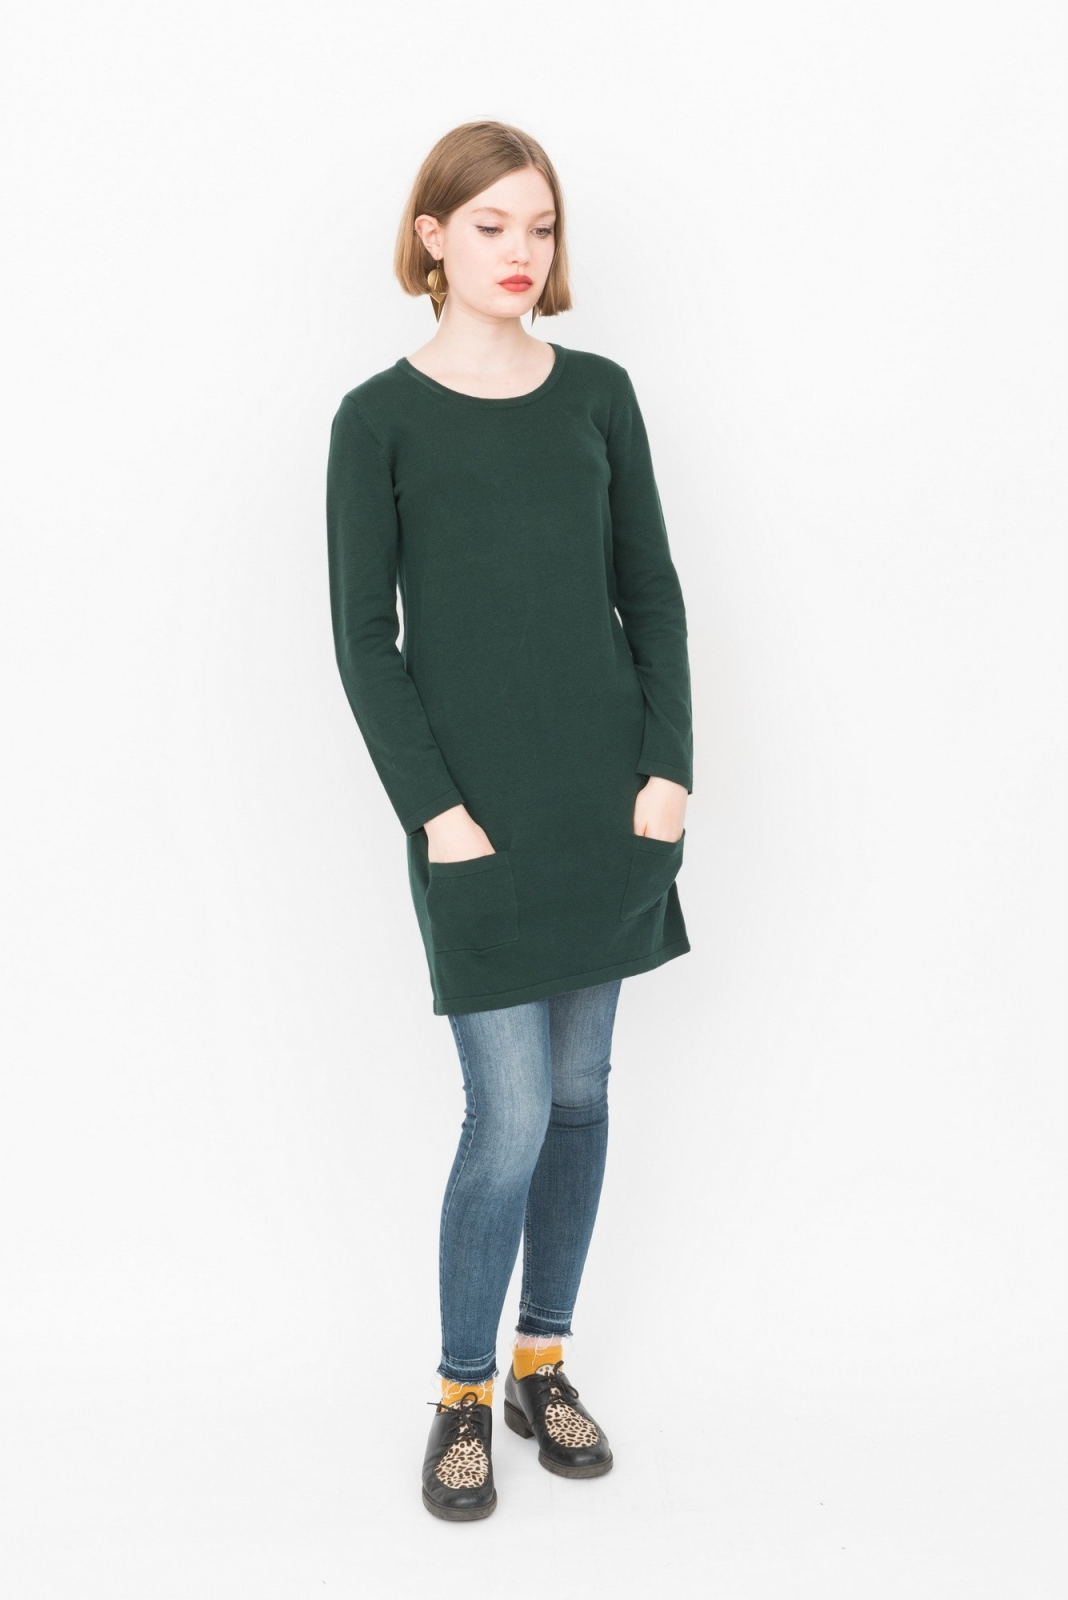 buy online b7da7 38d5a Vestito in maglina a maniche lunghe, tipo maxi maglione con tasche, 100%  cotone